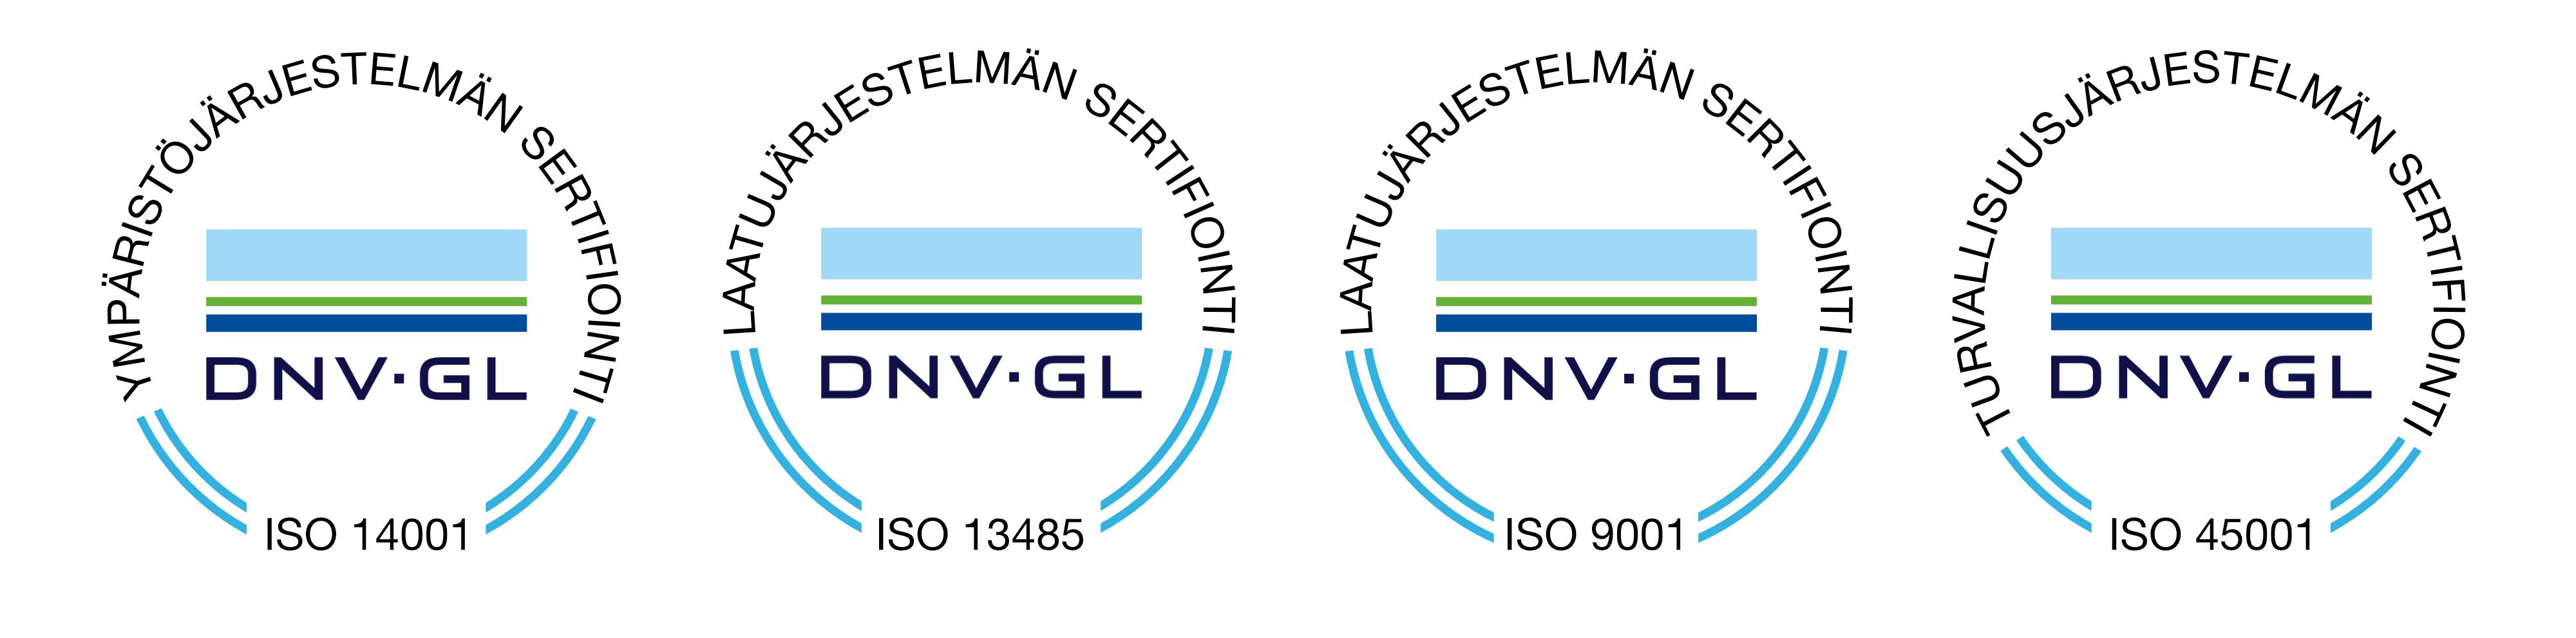 laatujärjestelmän sertifikaatit